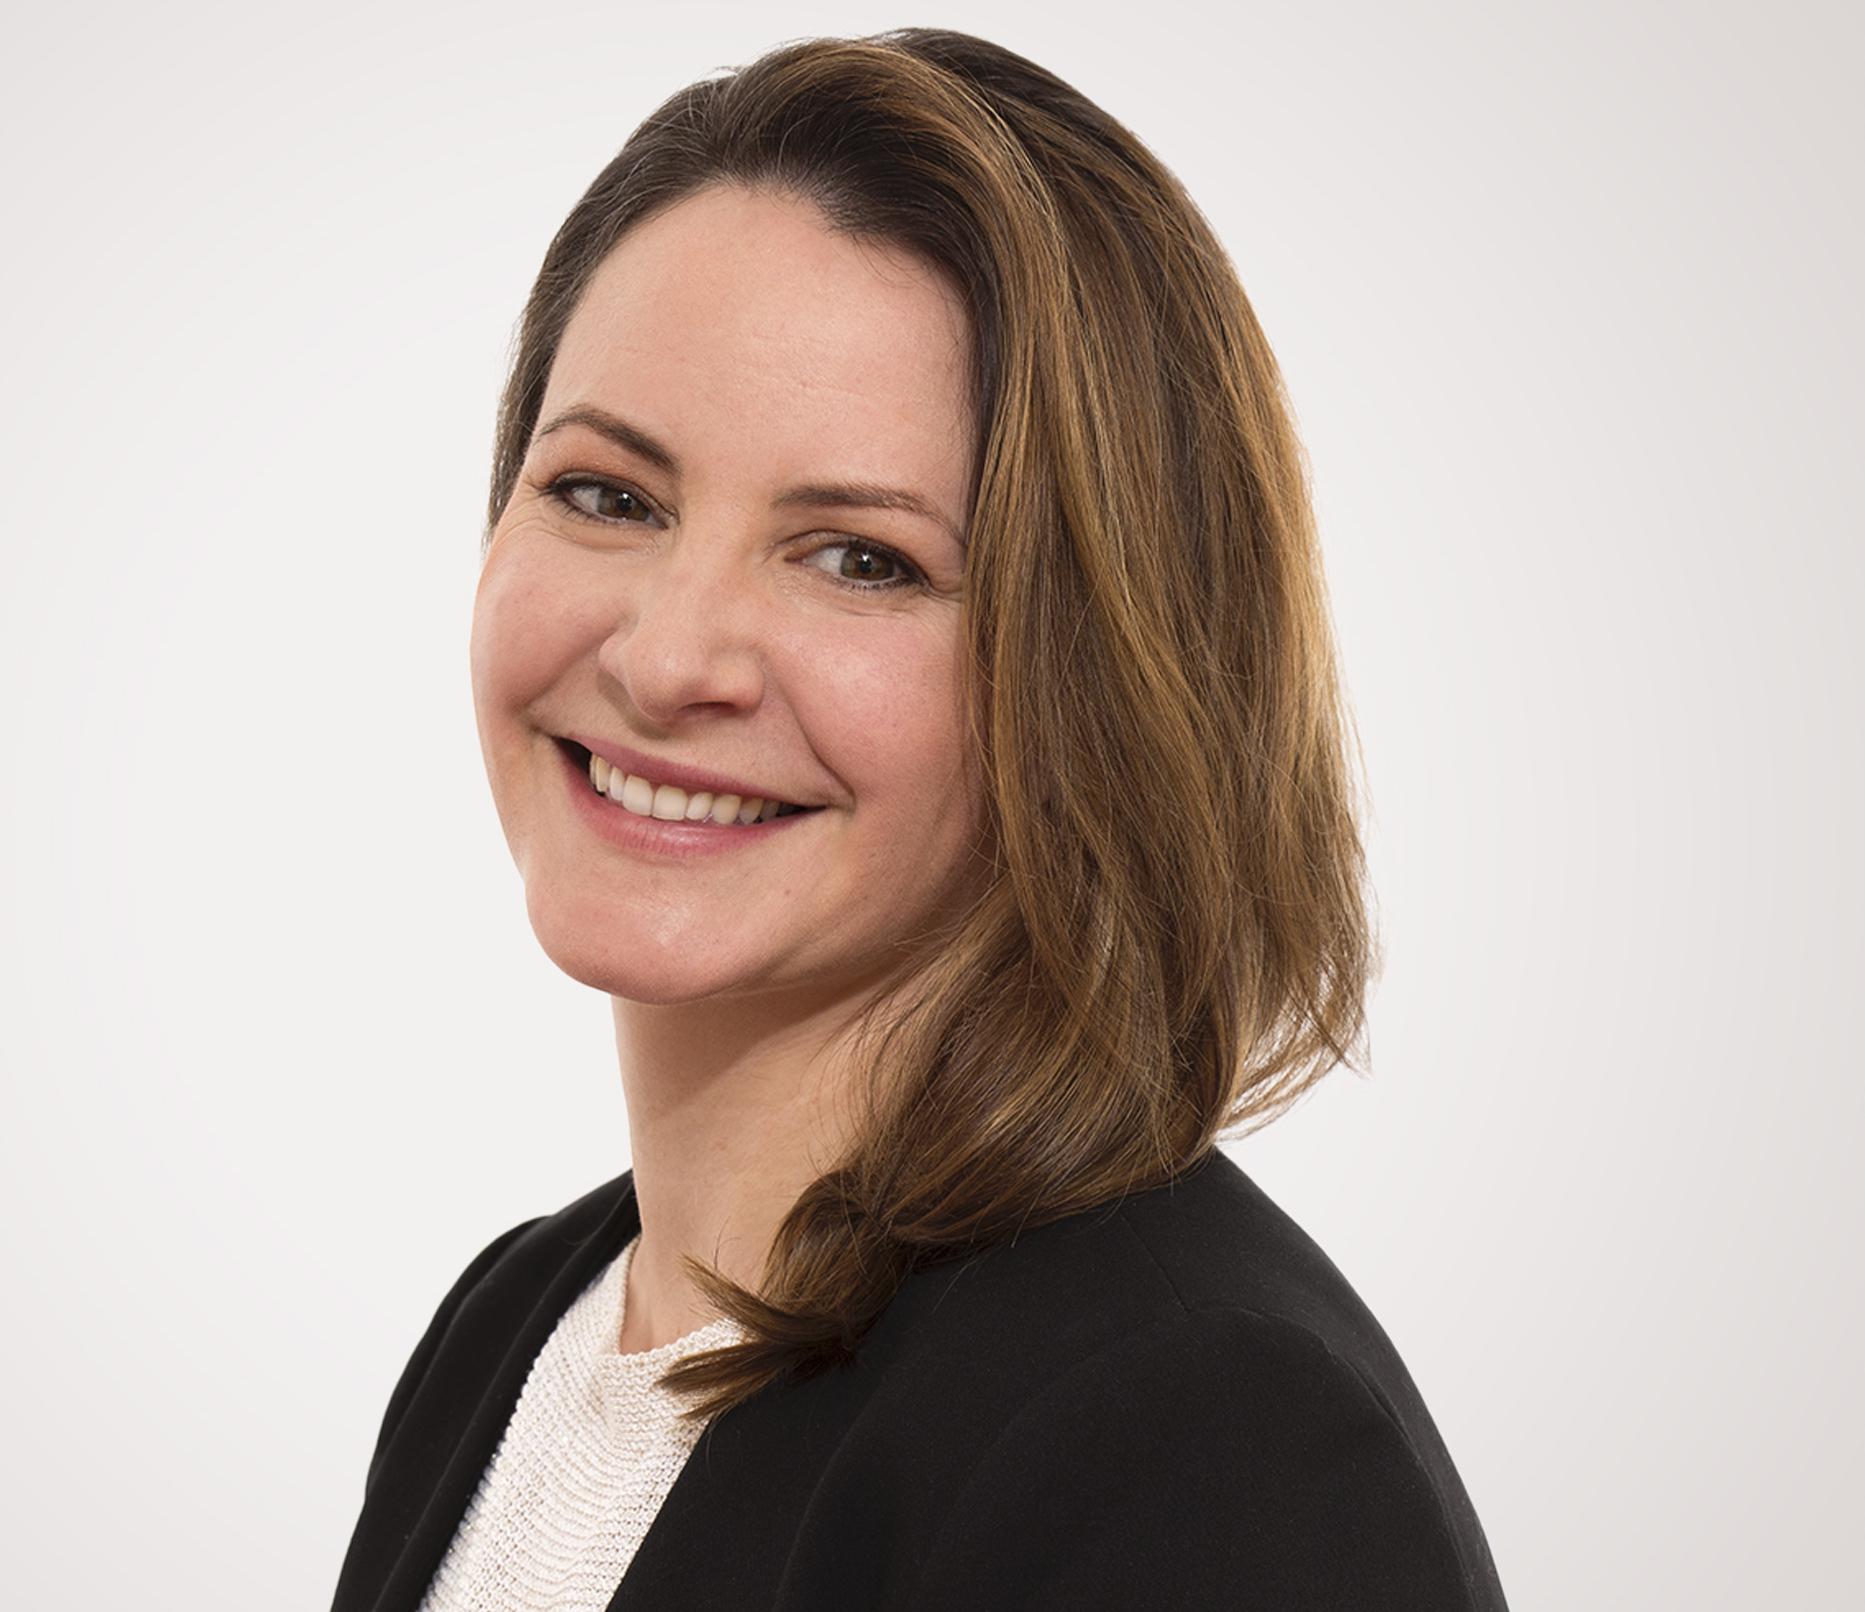 Sophie Audino, Qualium Investissement